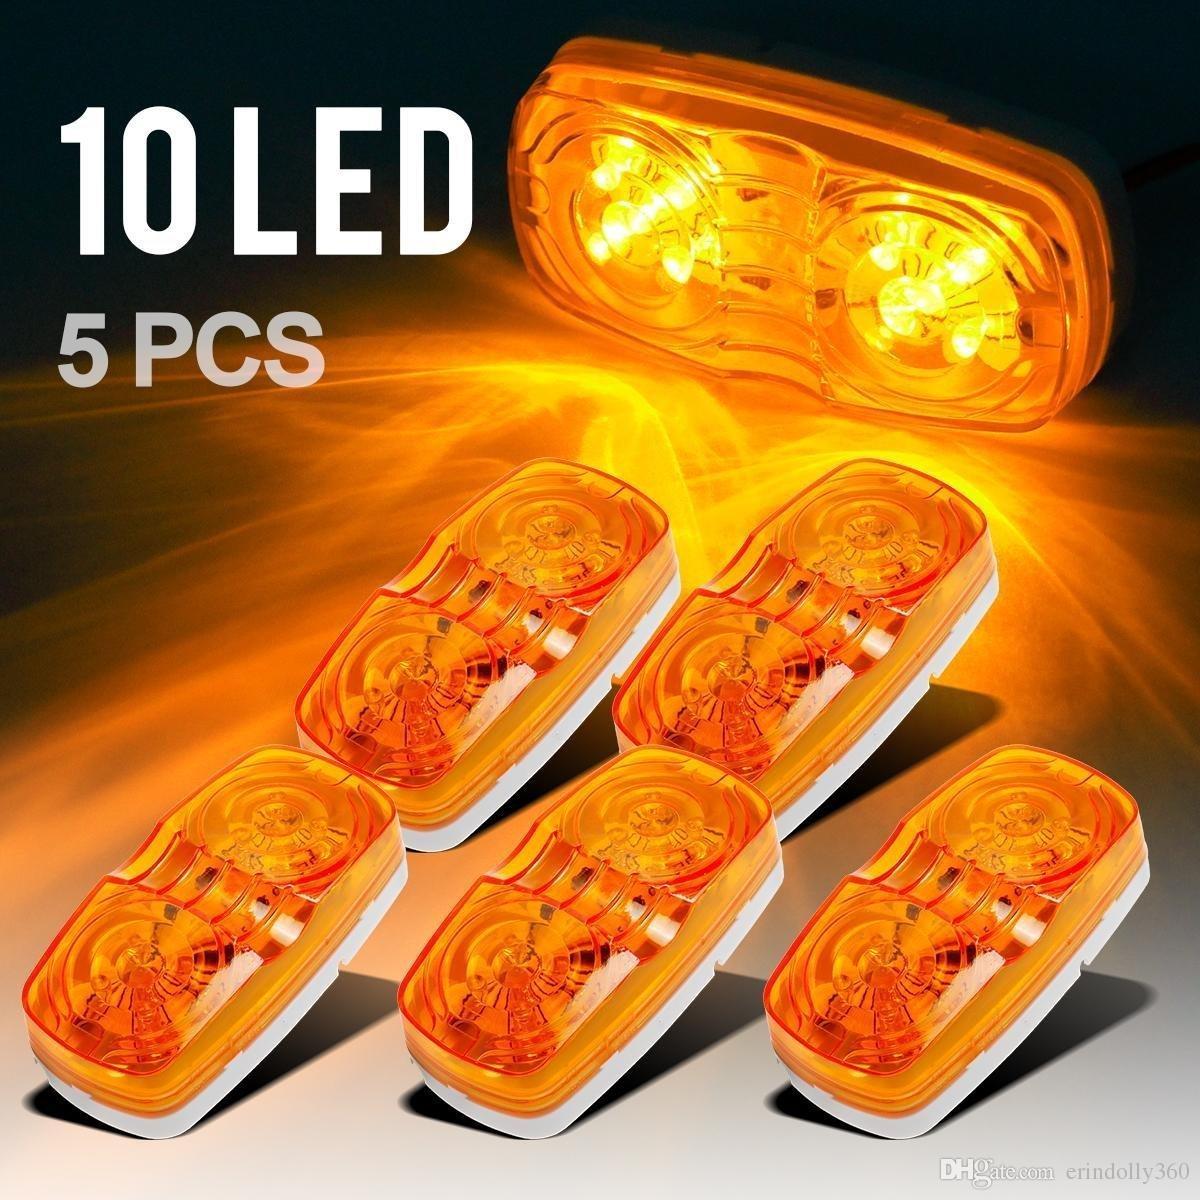 Trailer Marker LED Light Bullseye doppio 10 diodi Clearance Light Red 5PCS